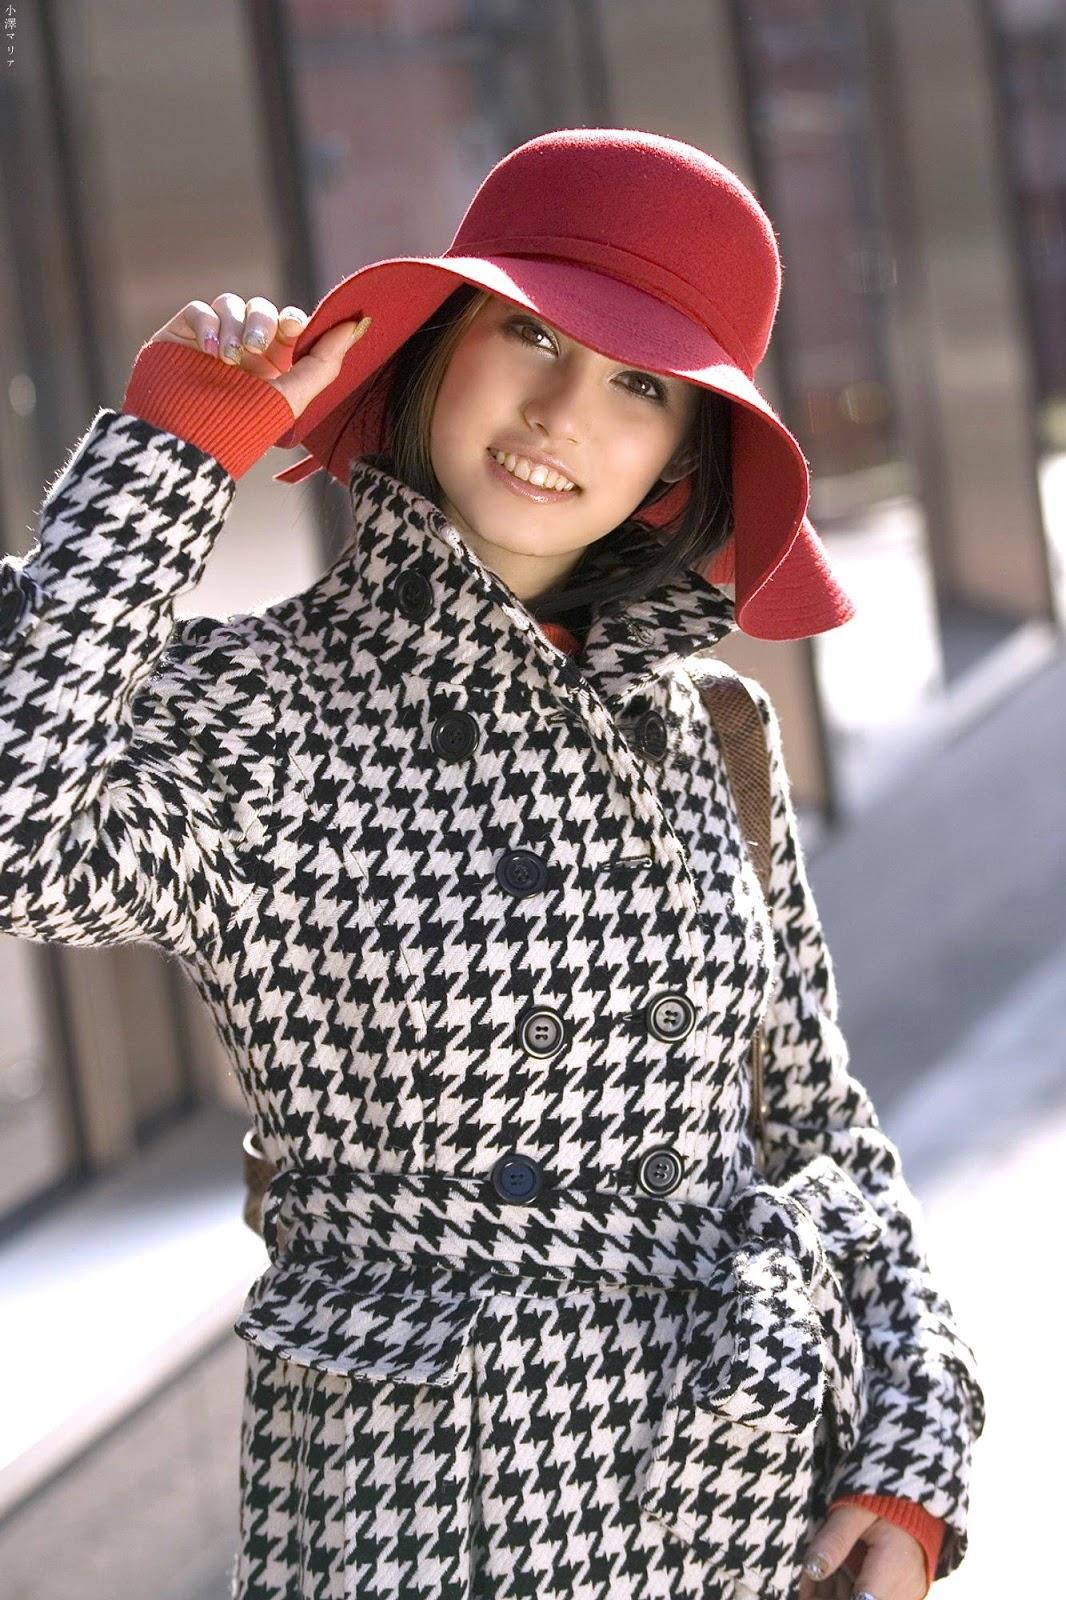 http://3.bp.blogspot.com/_1ZoABdTlodg/TRDKlf8I-NI/AAAAAAAAAVg/-P68xZfnfDY/s1600/maria-ozawa-0116.jpg